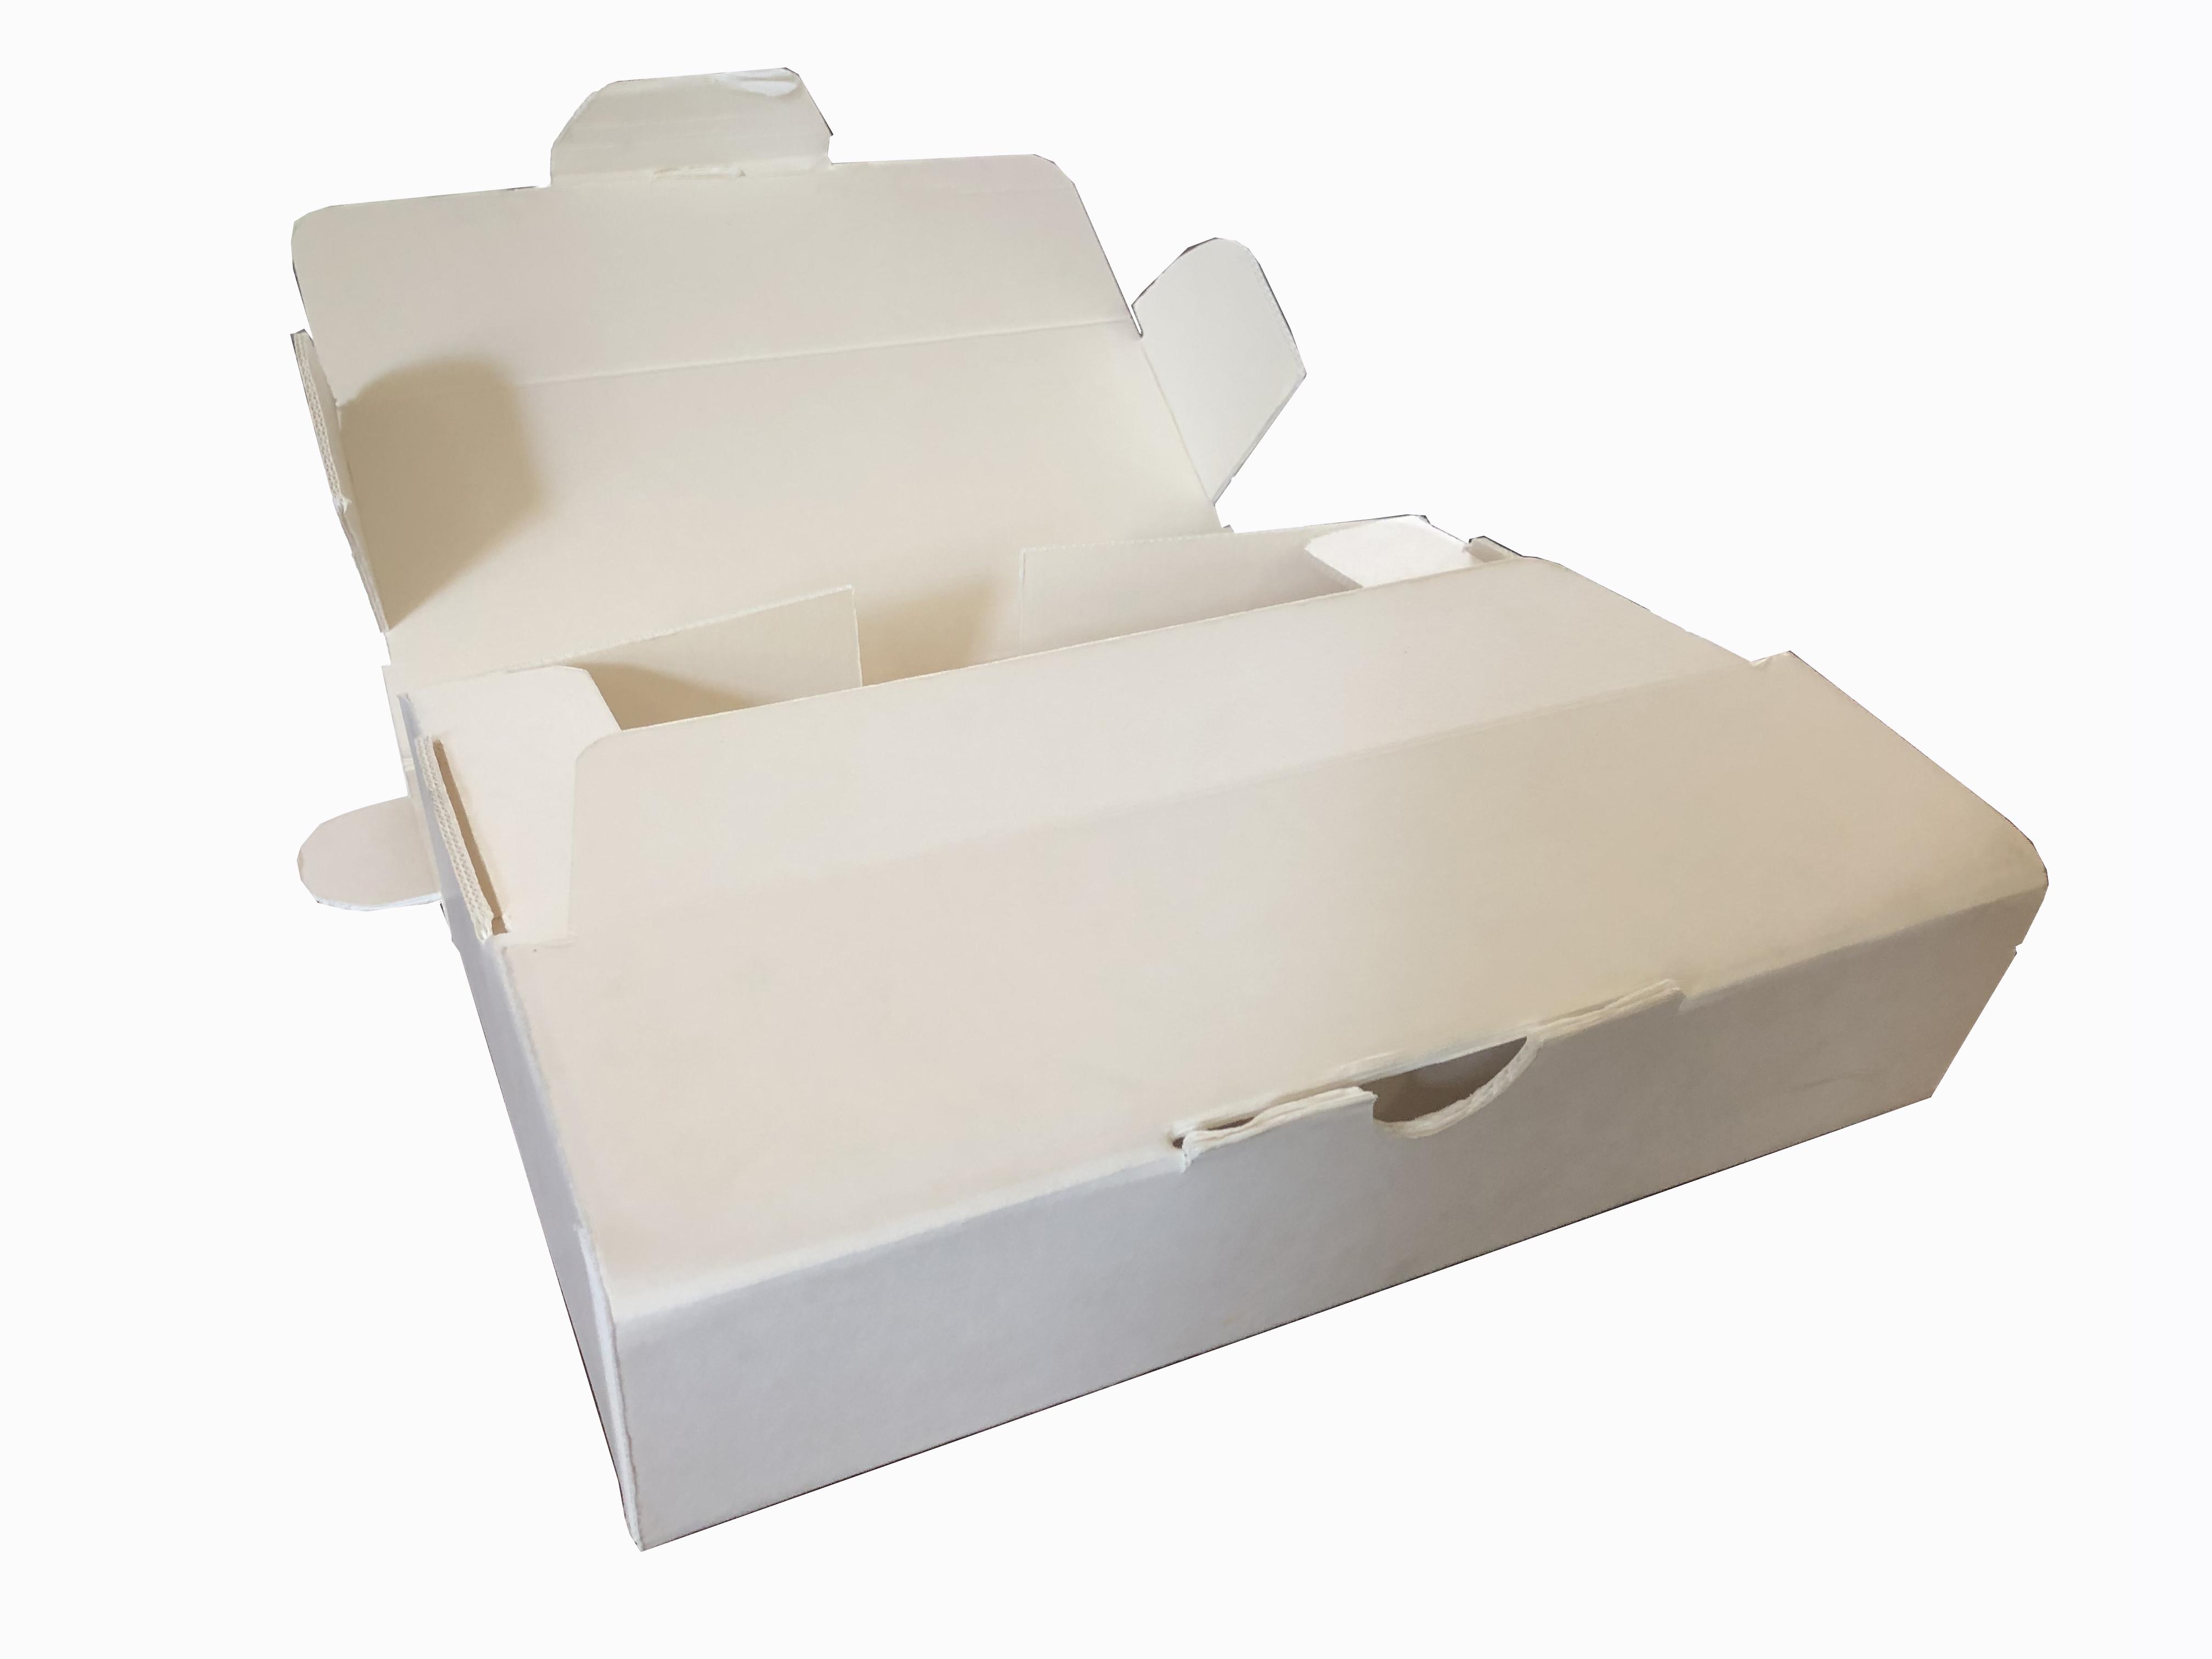 防火纸箱(内含视频)